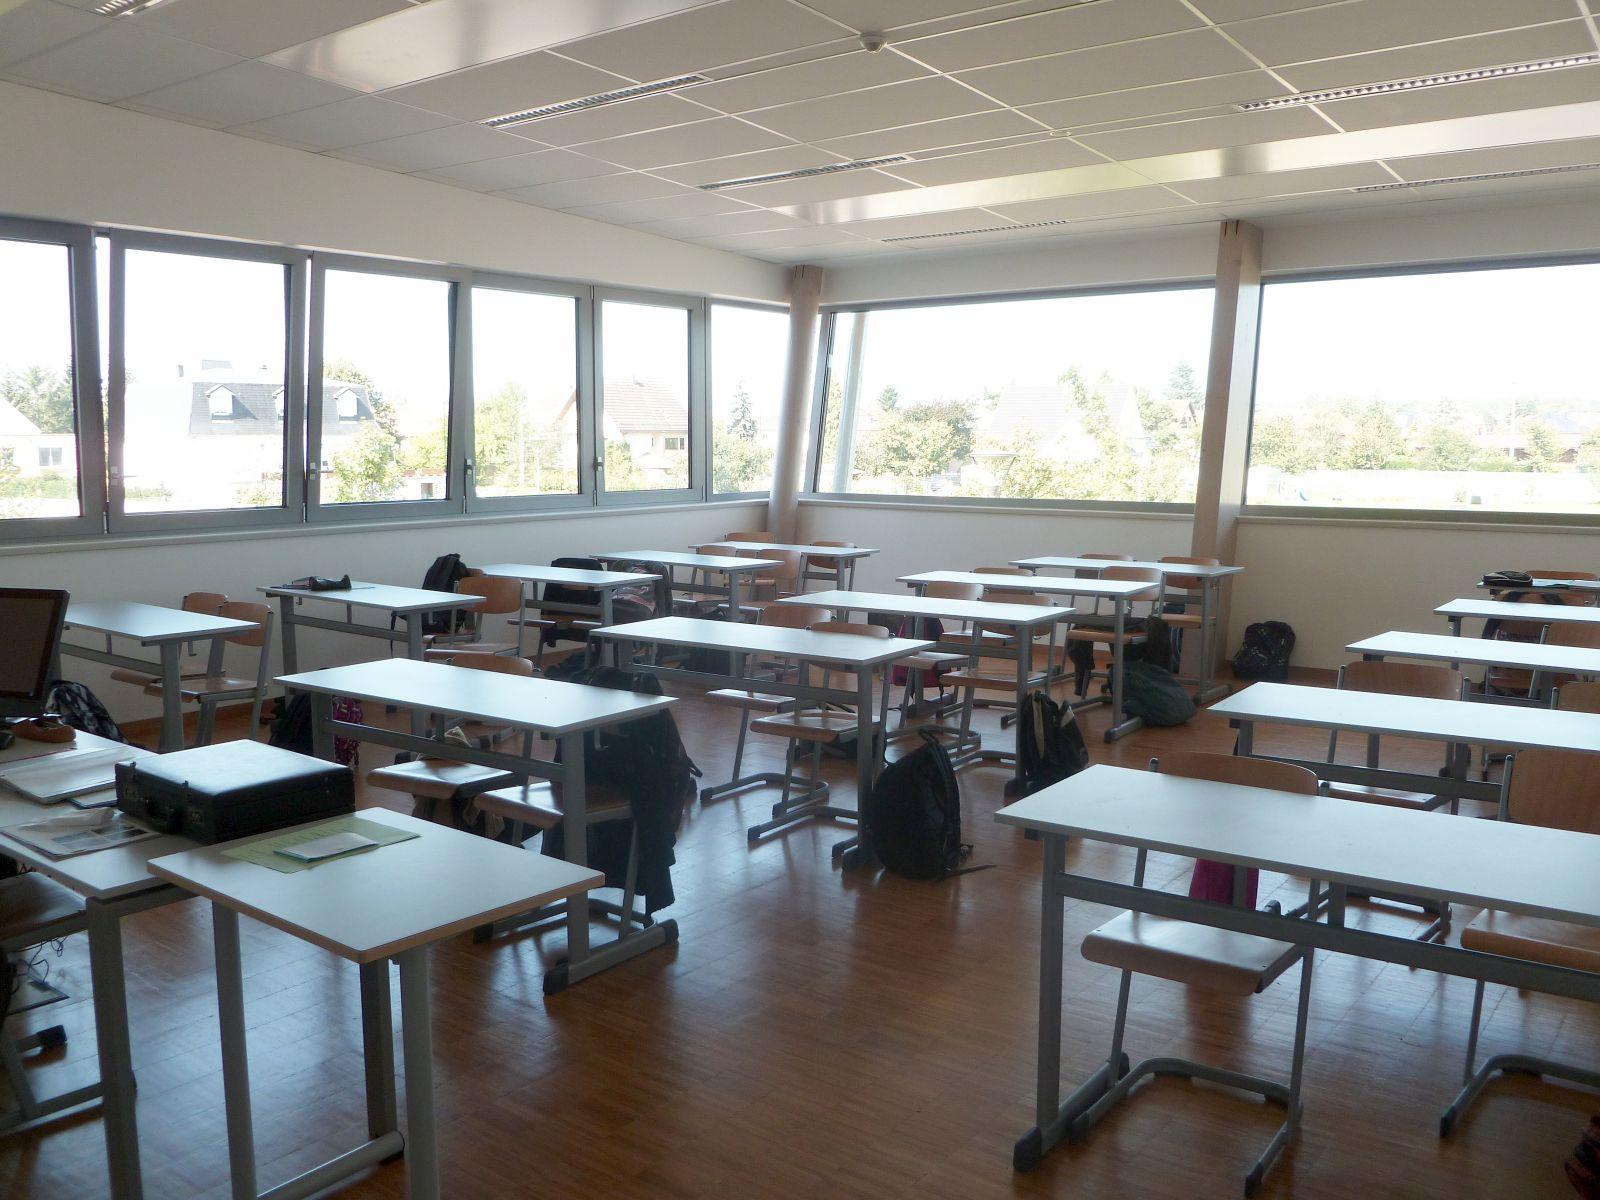 Amiante dans les écoles : les citoyens réclament des mesures urgentes